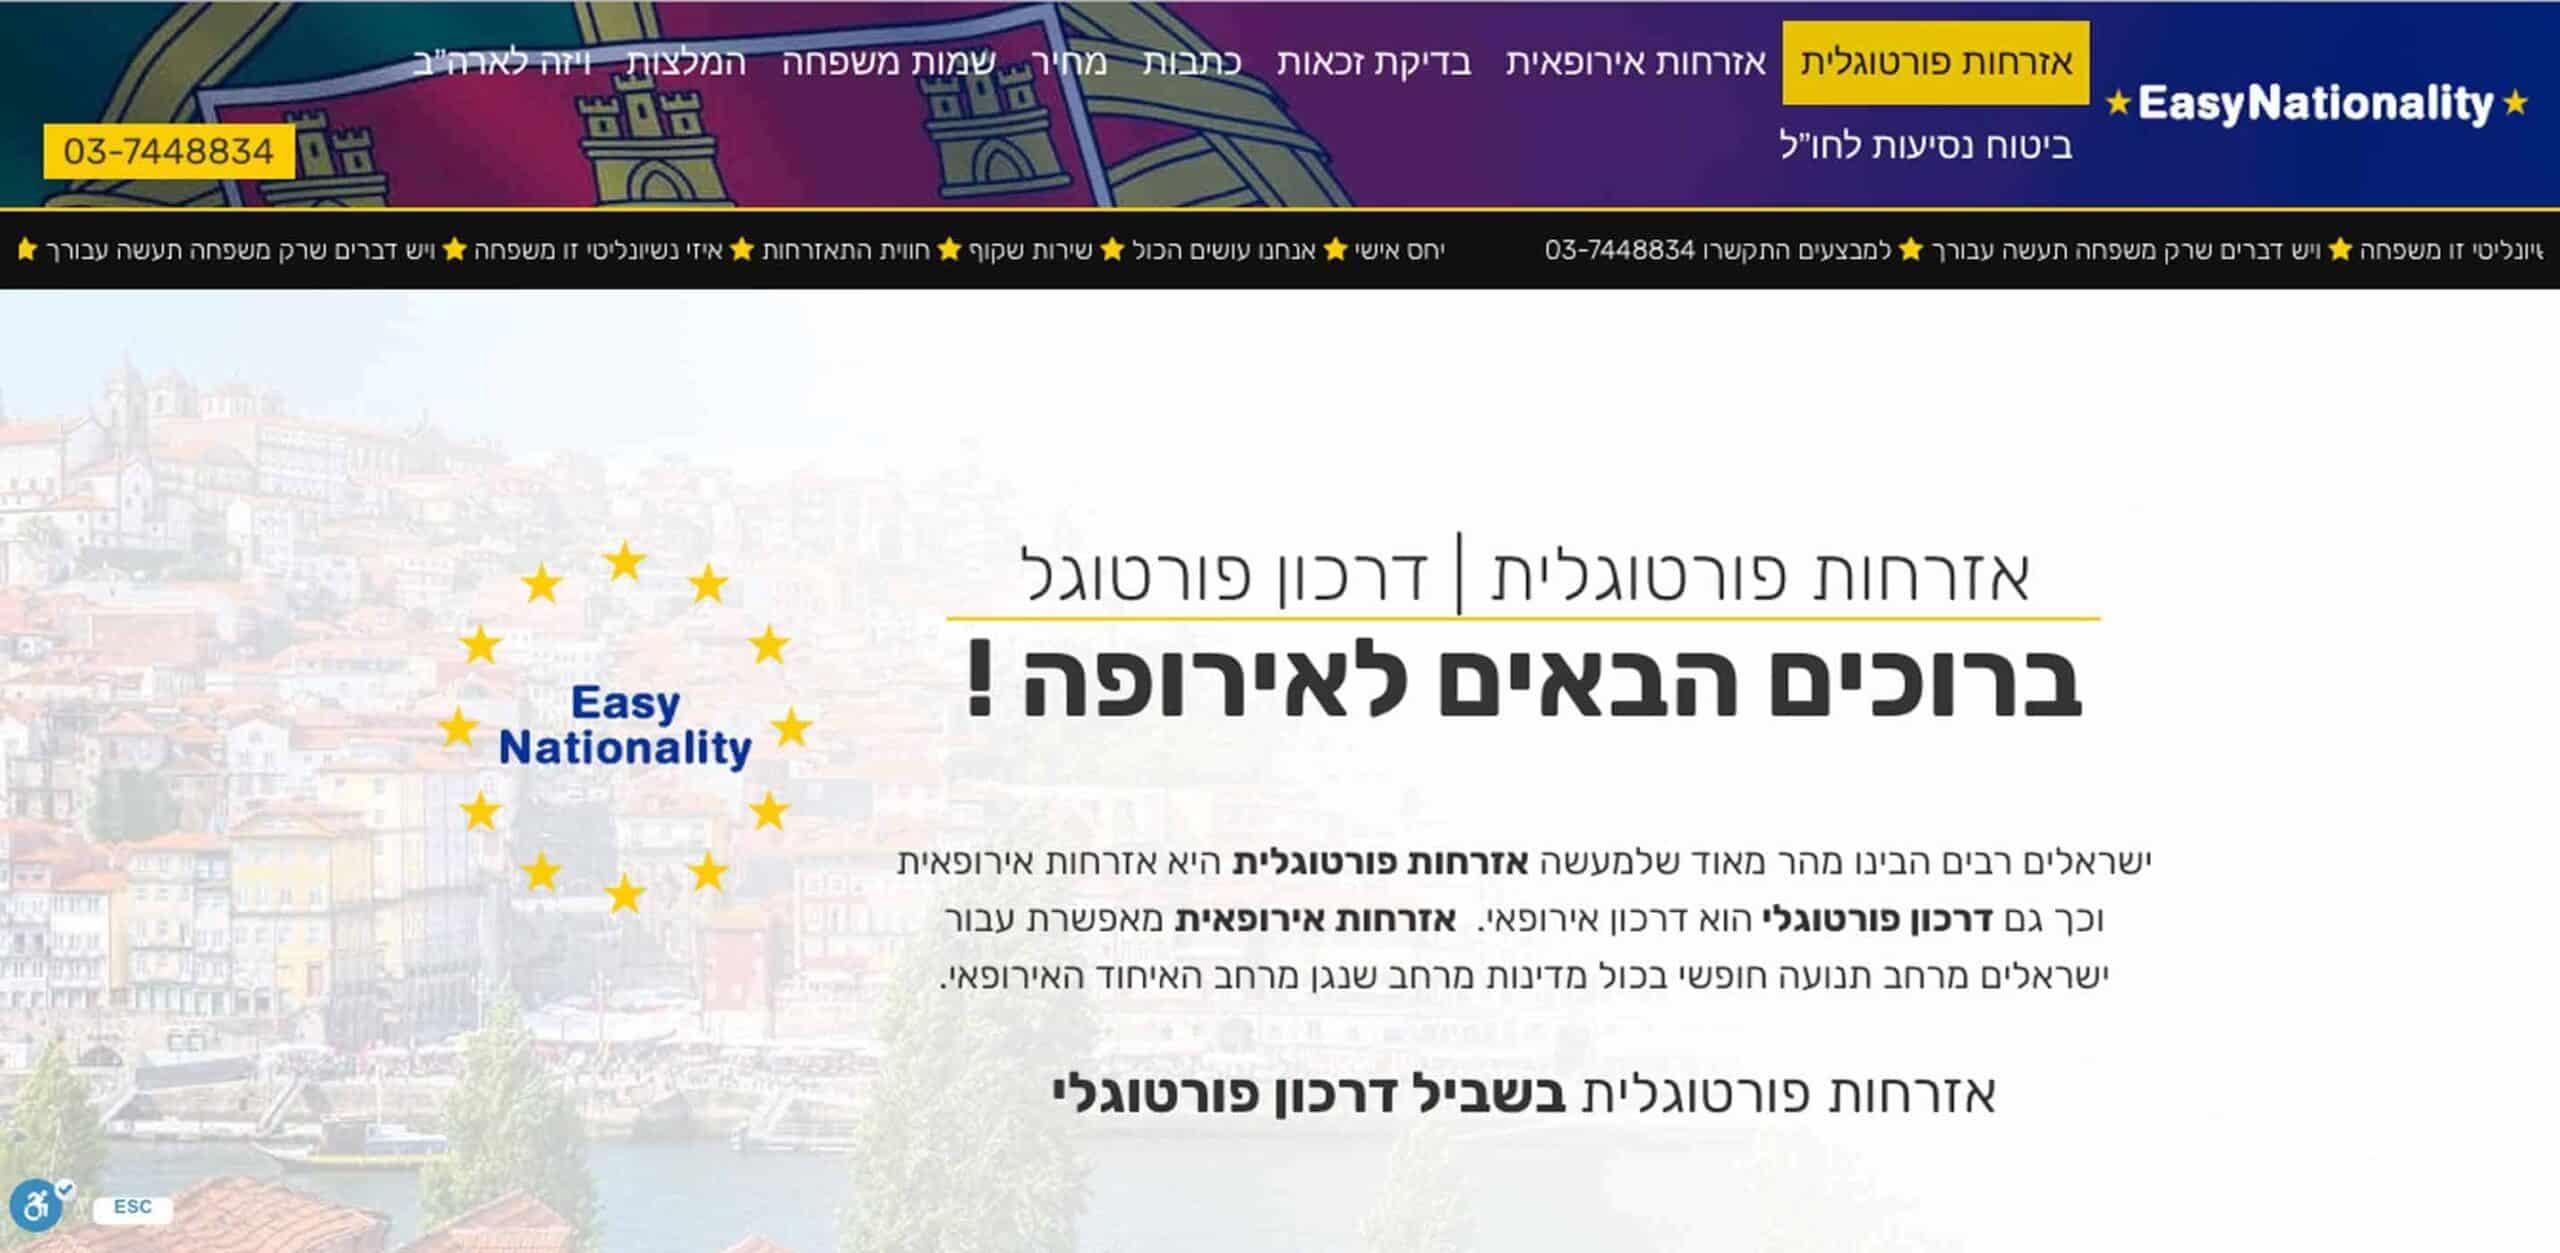 EasyNationality_Web